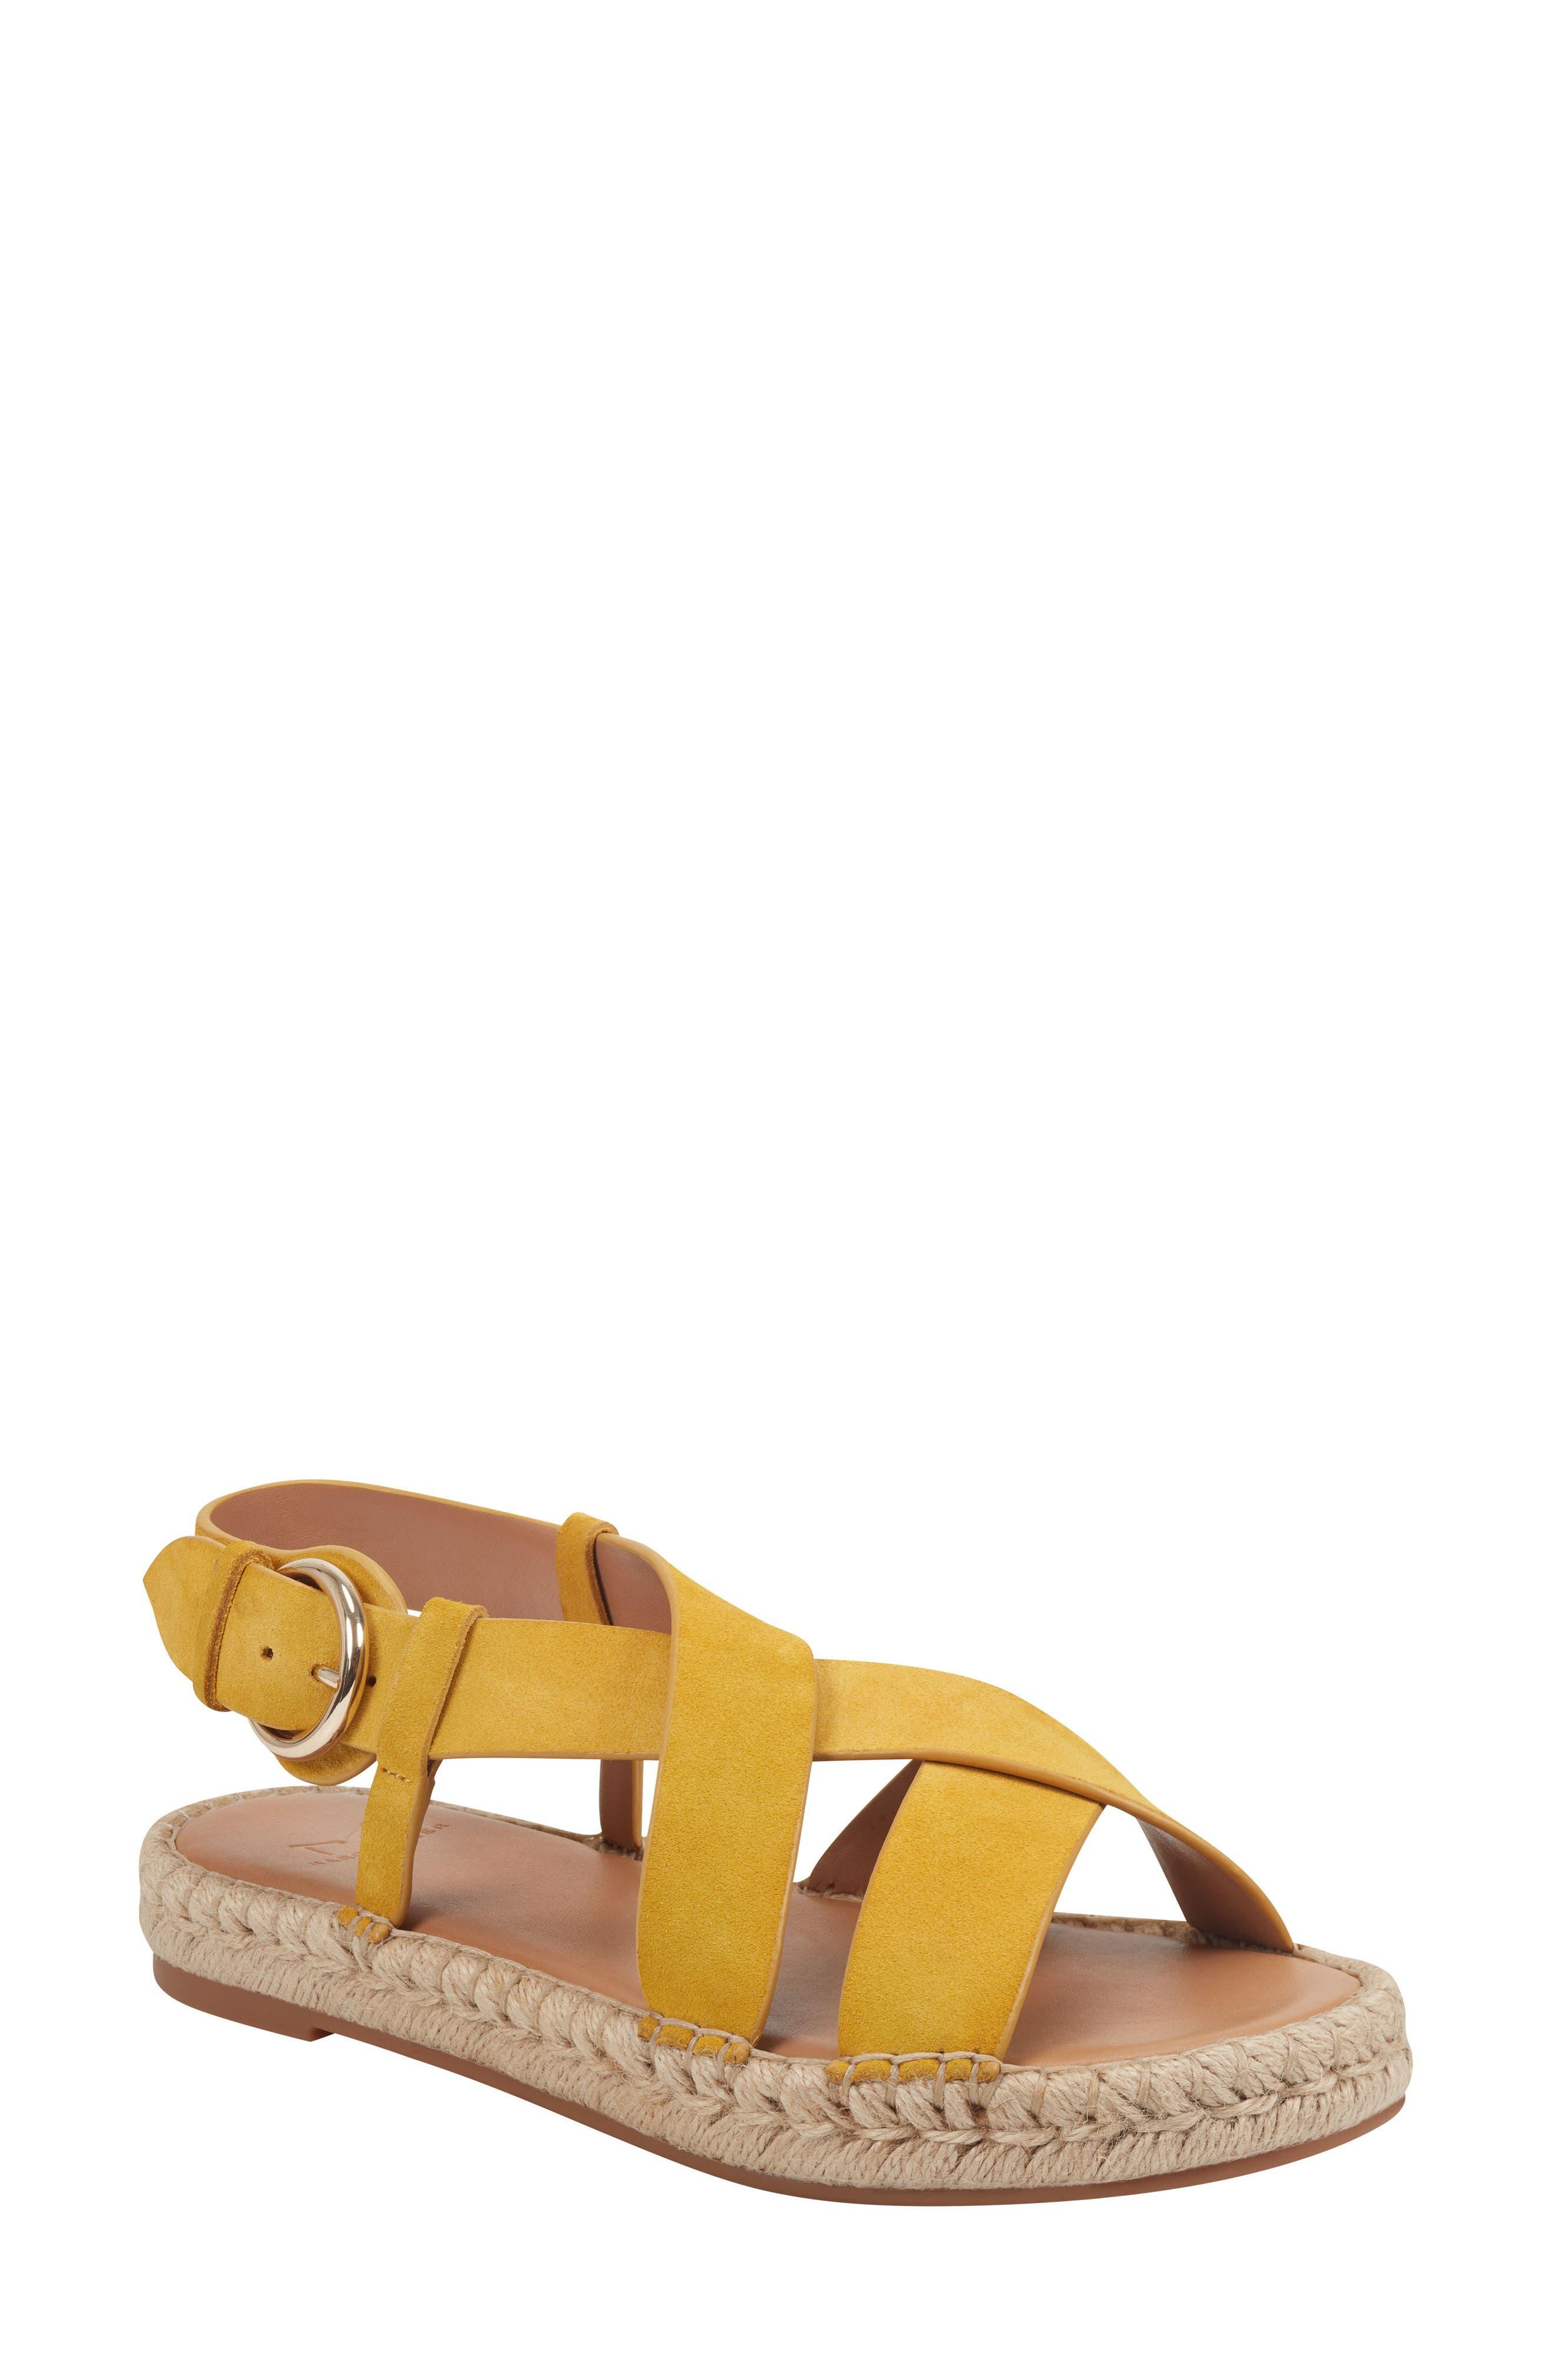 Image of Marc Fisher LTD Tallia Espadrille Sandal